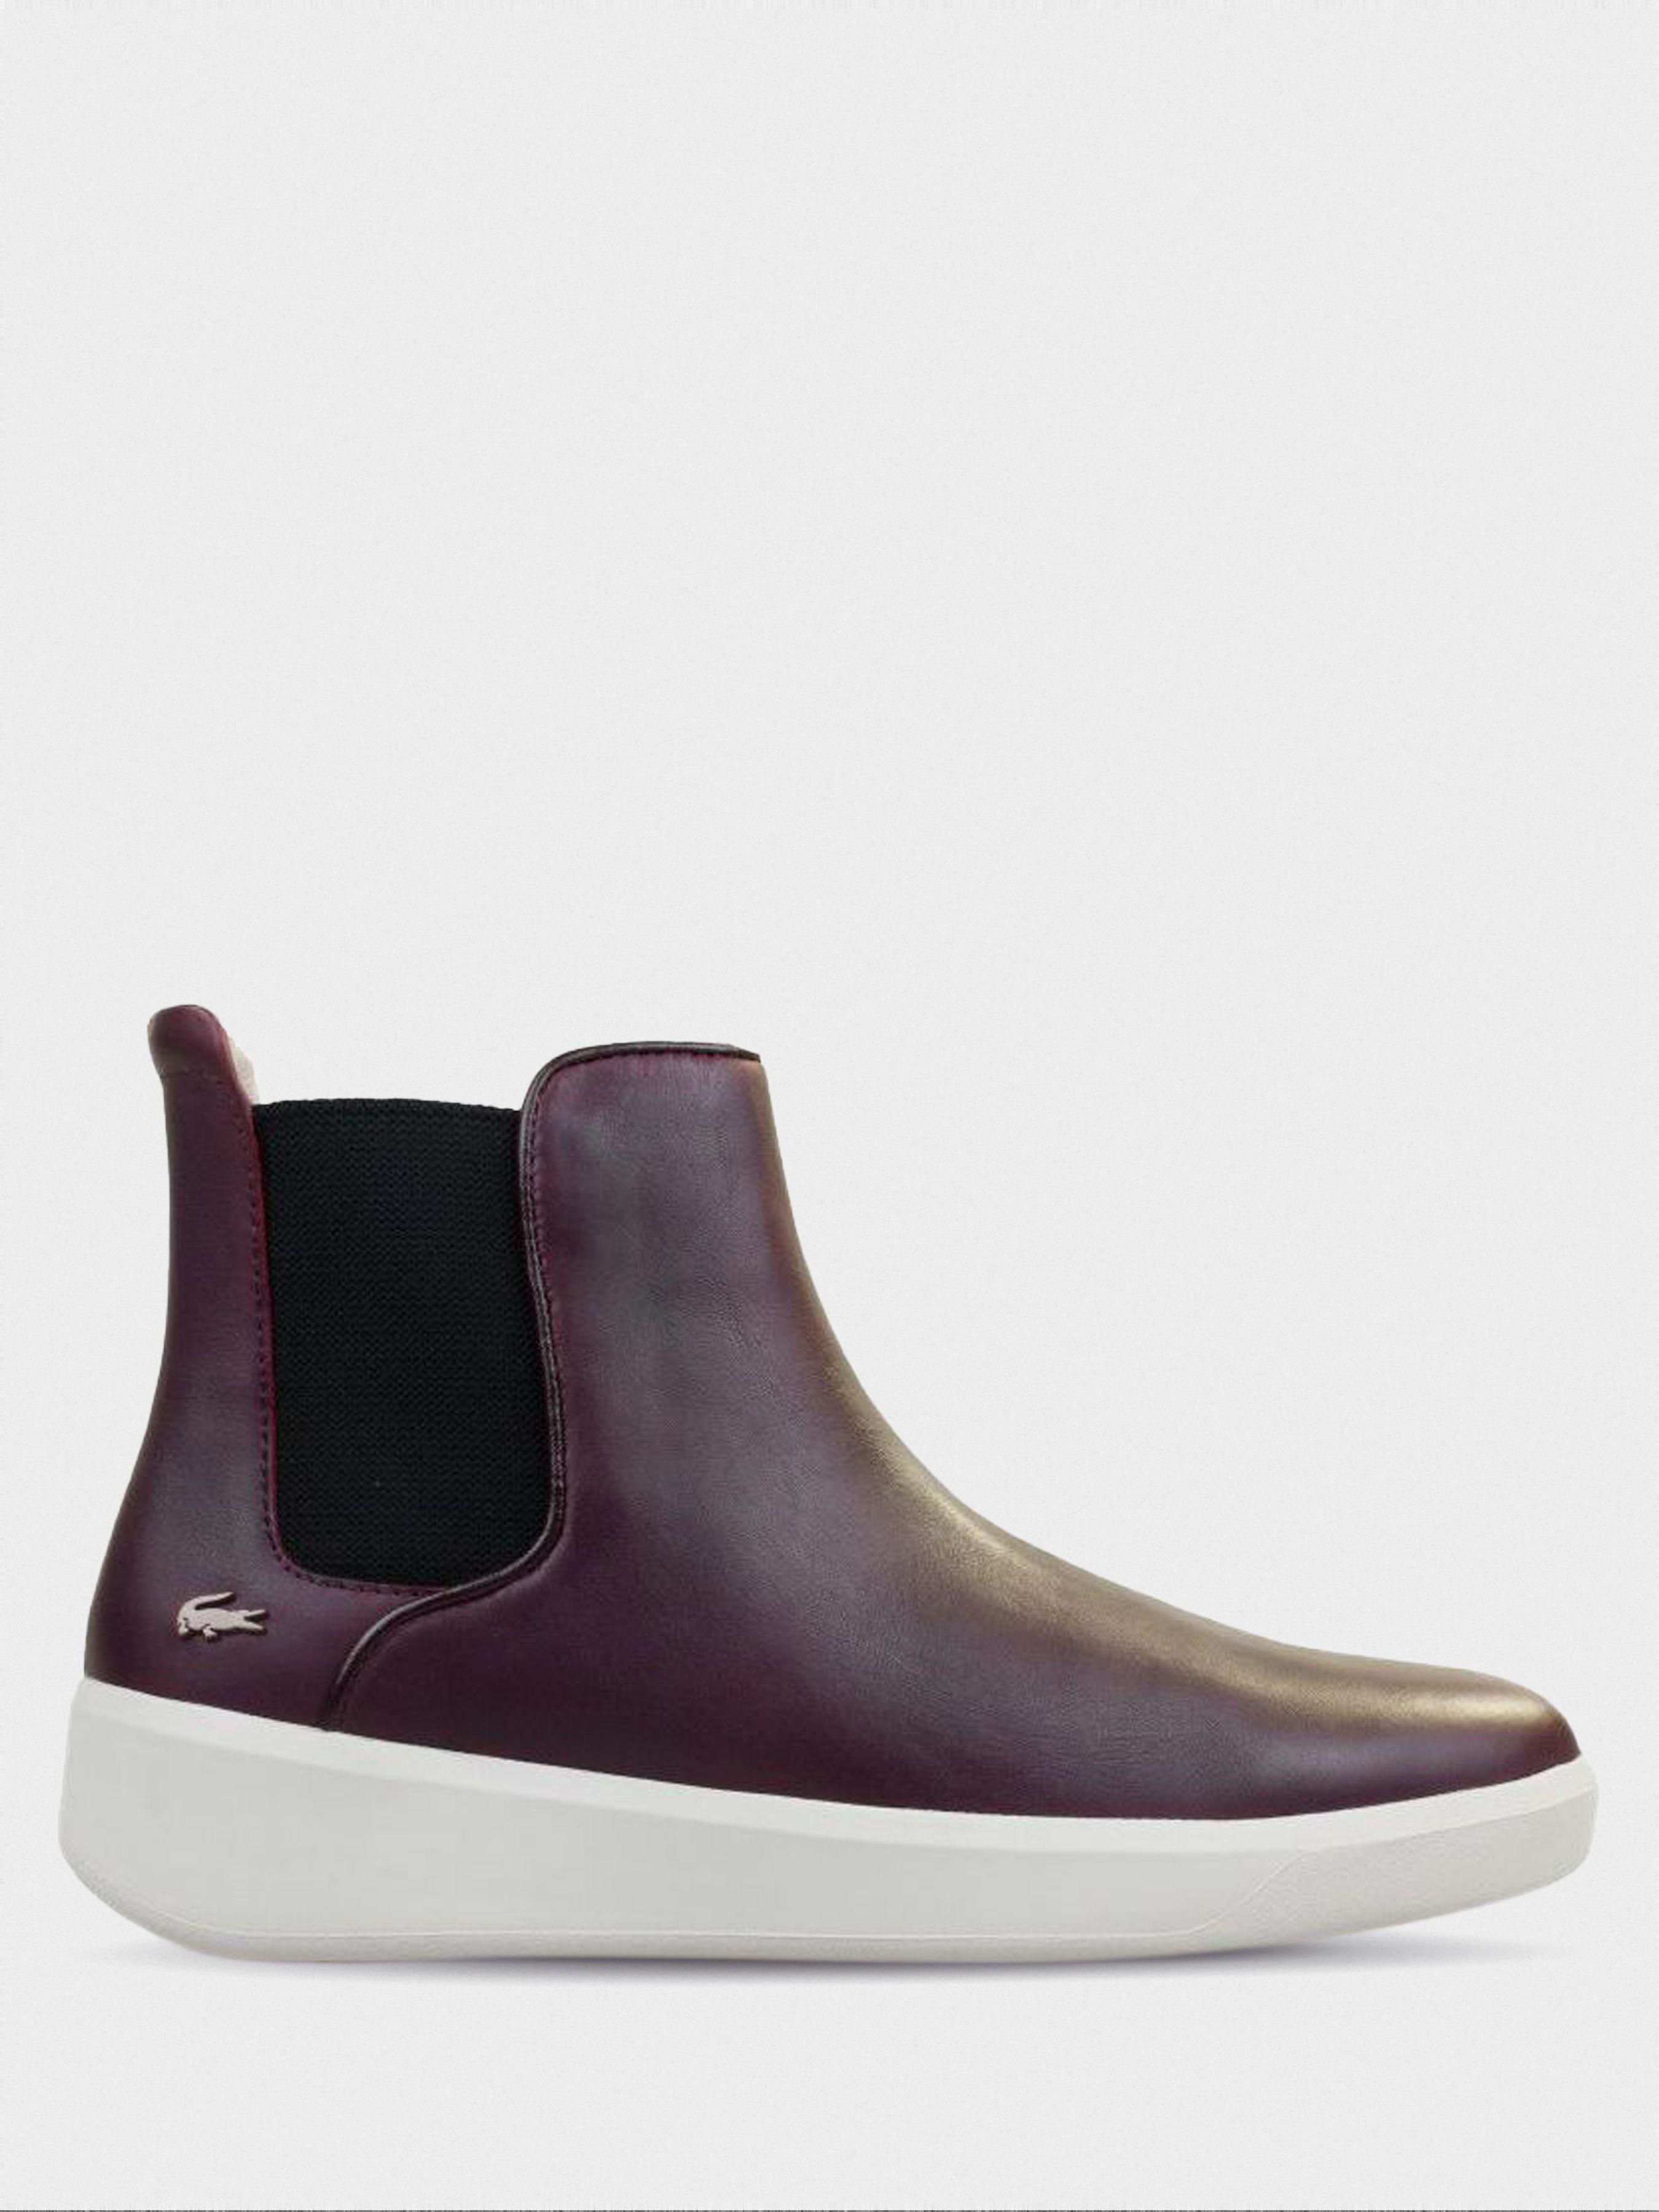 Ботинки для женщин Lacoste LL143 брендовые, 2017